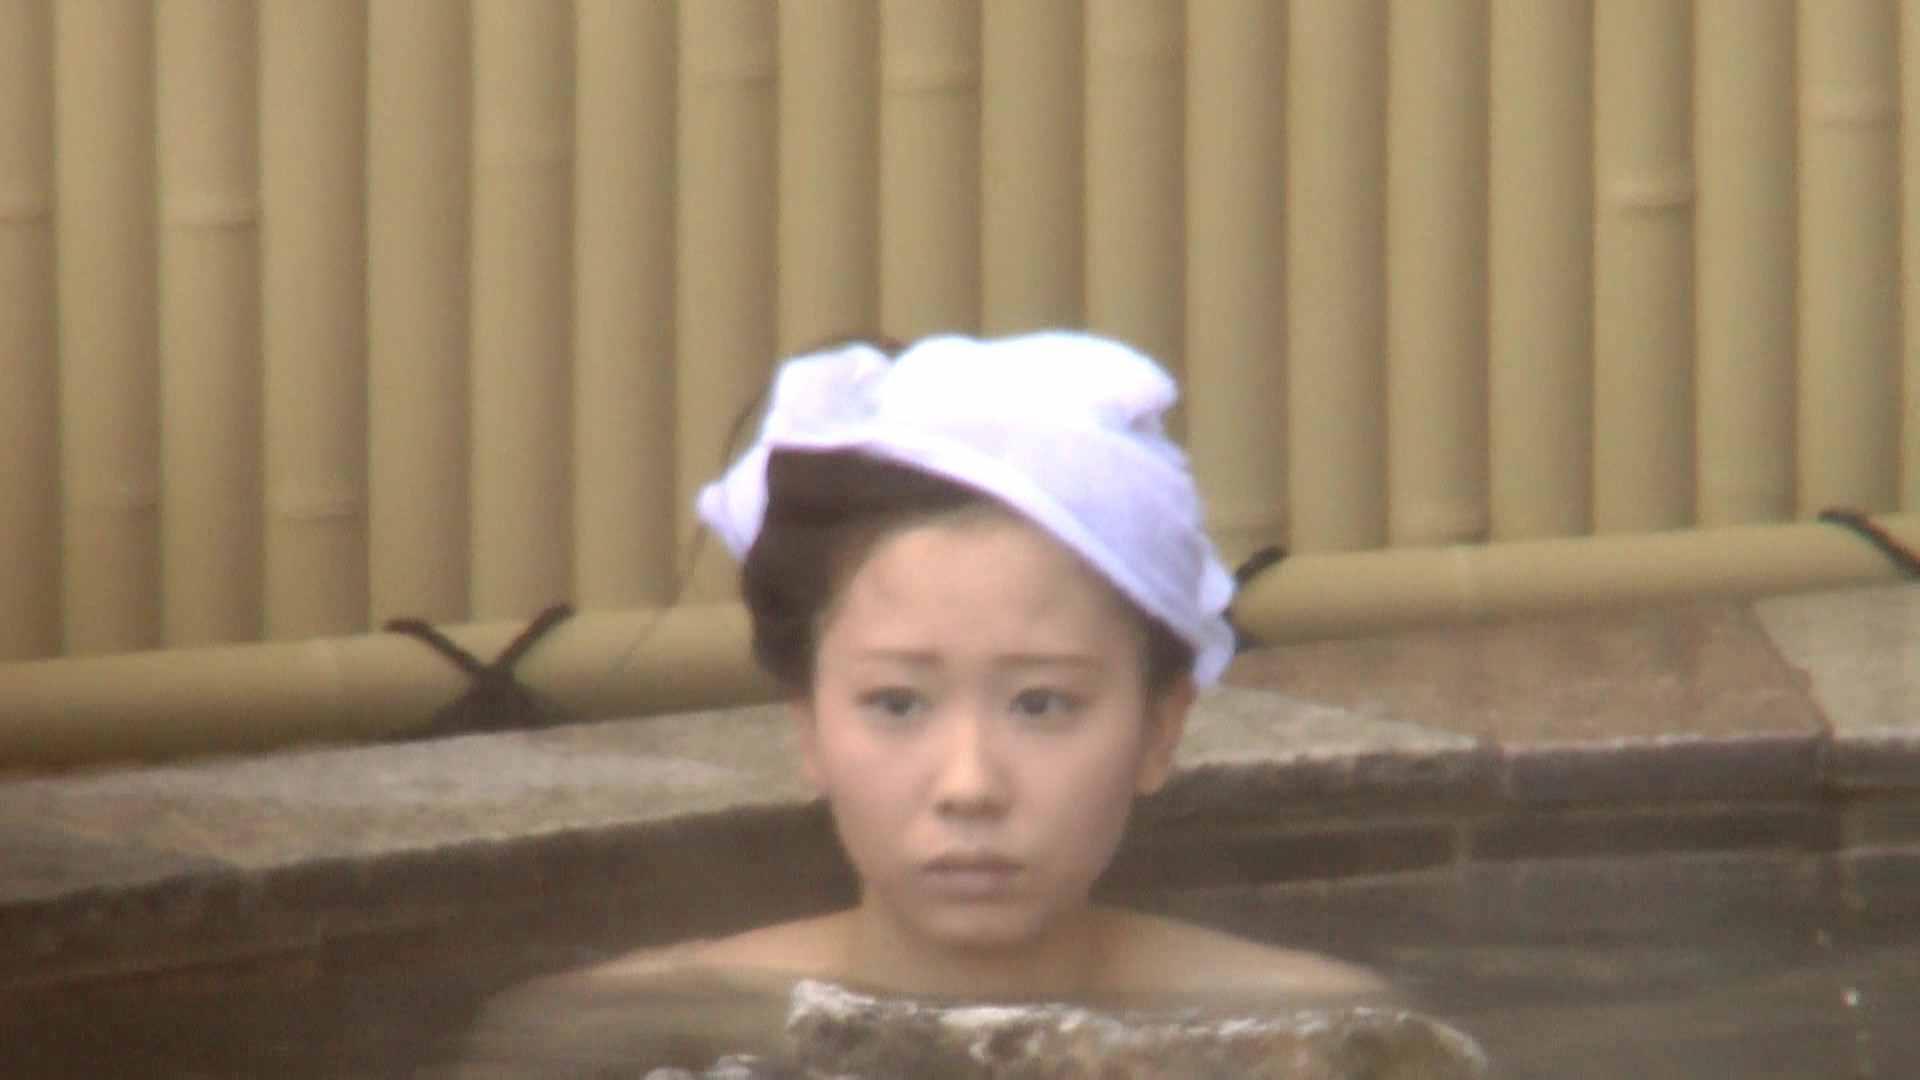 Aquaな露天風呂Vol.211 露天 | 盗撮  68画像 10